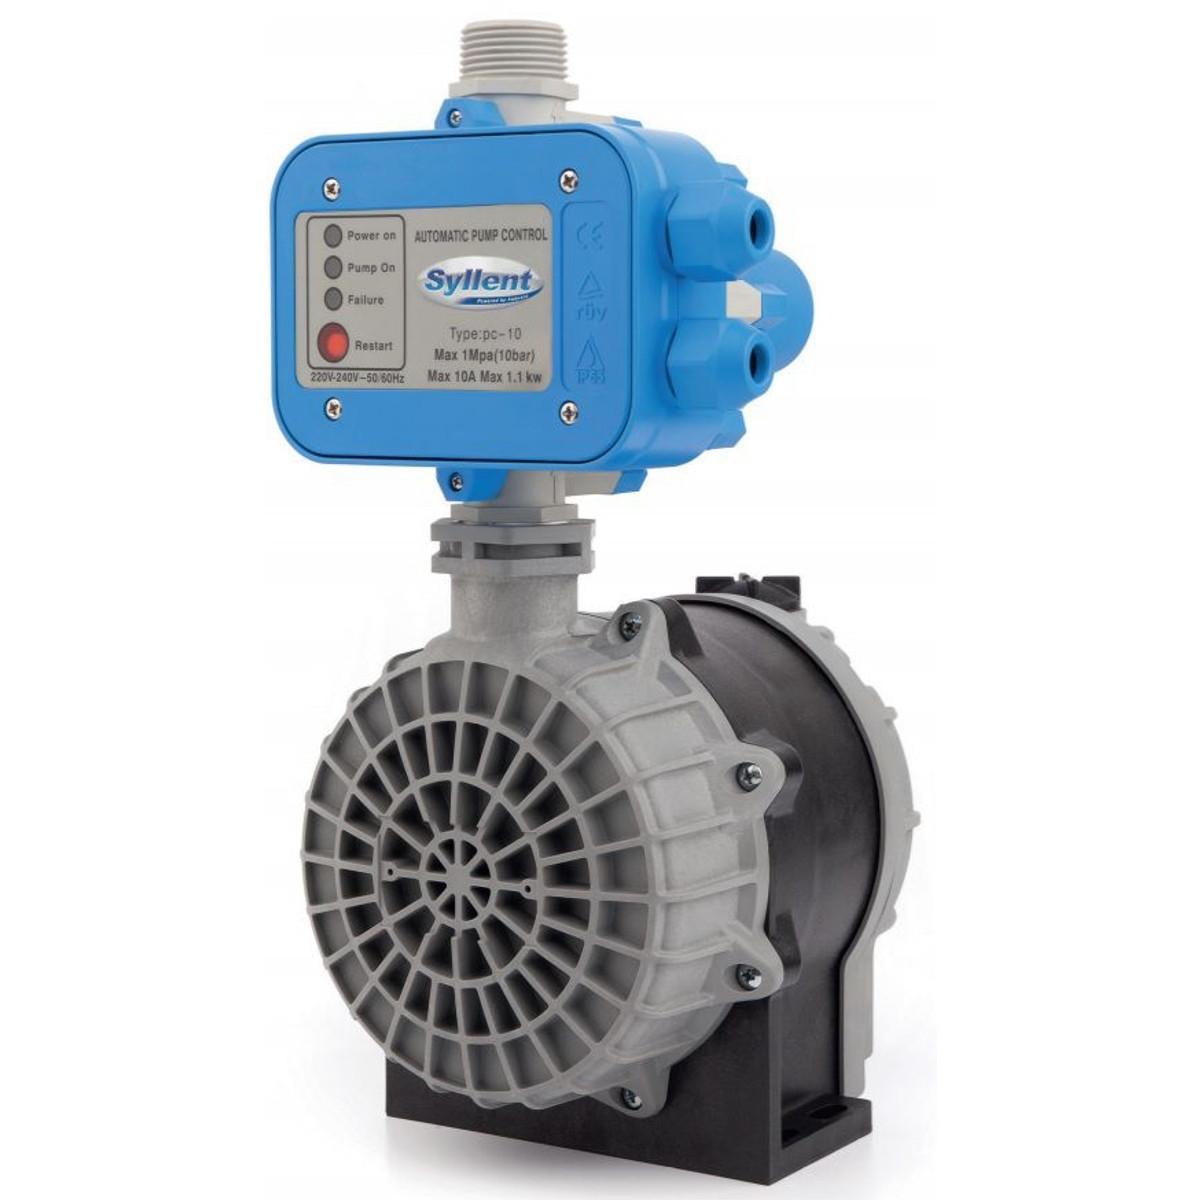 Pressurizadora Syllent Pressostato 1/3CV 220V